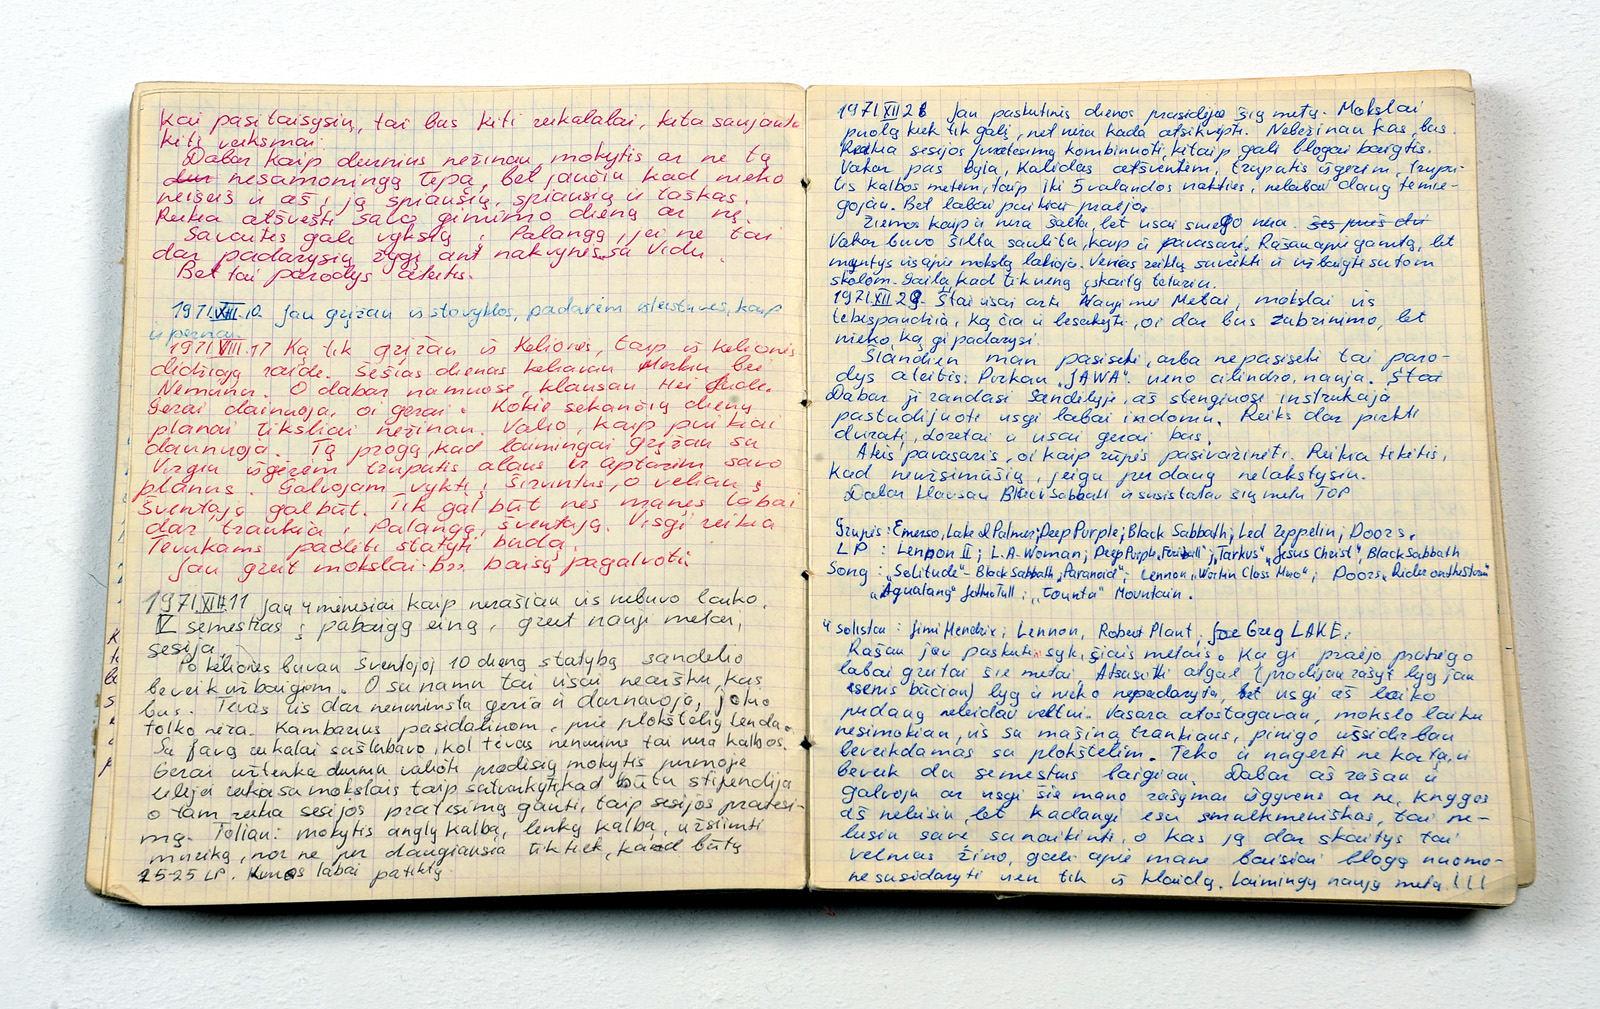 pažintys dienoraštis 40 dienų greitasis pažintys netoli skipton